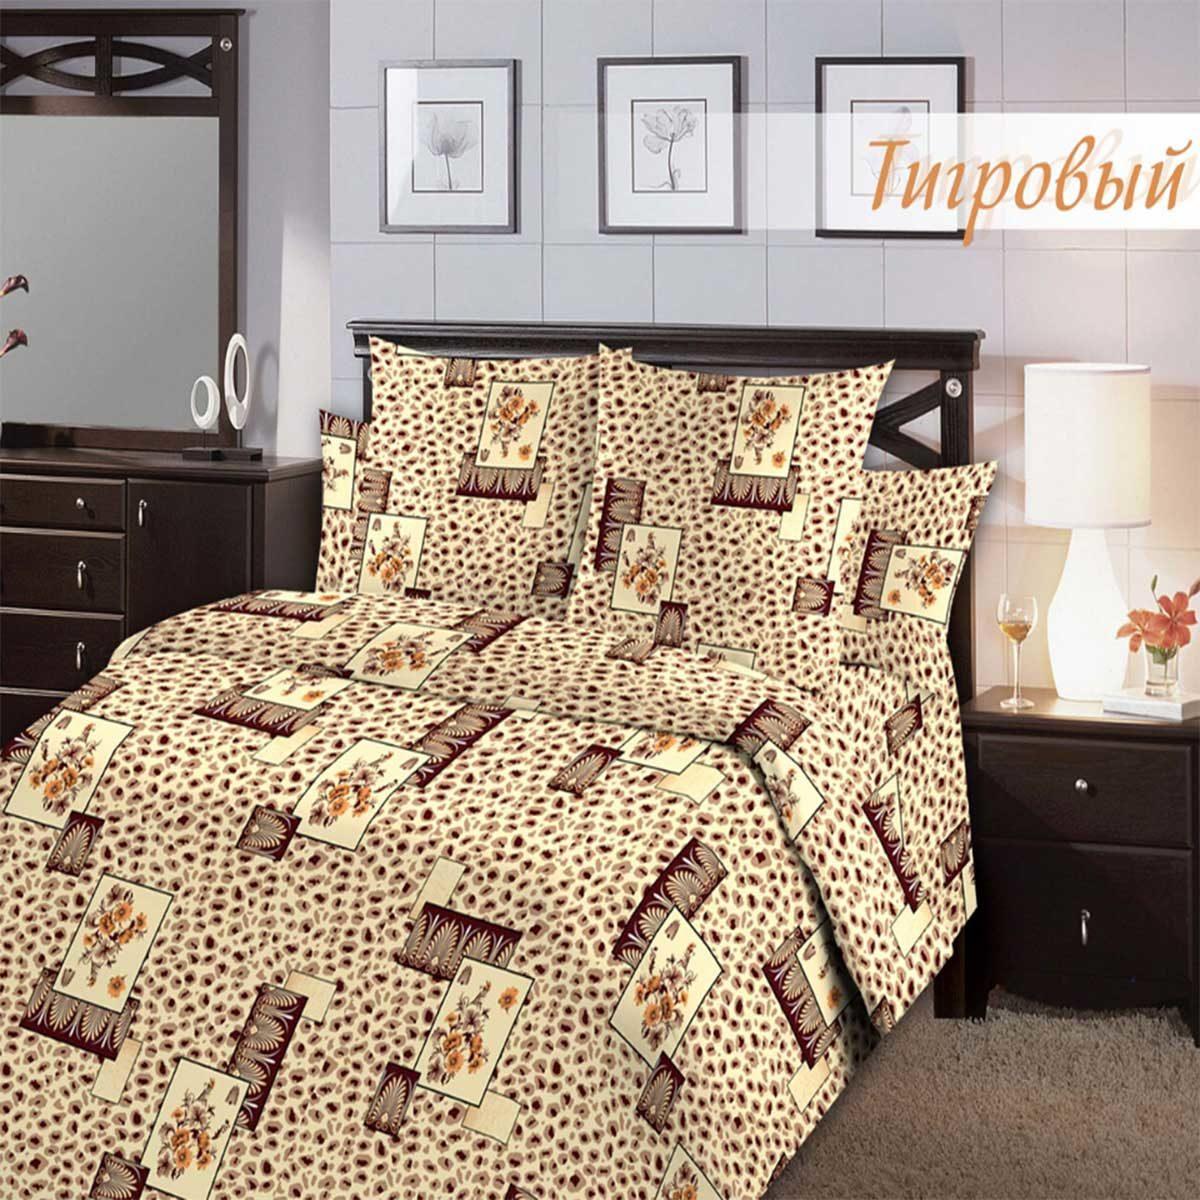 """Комплект постельного белья """"Тигровый"""" 1"""